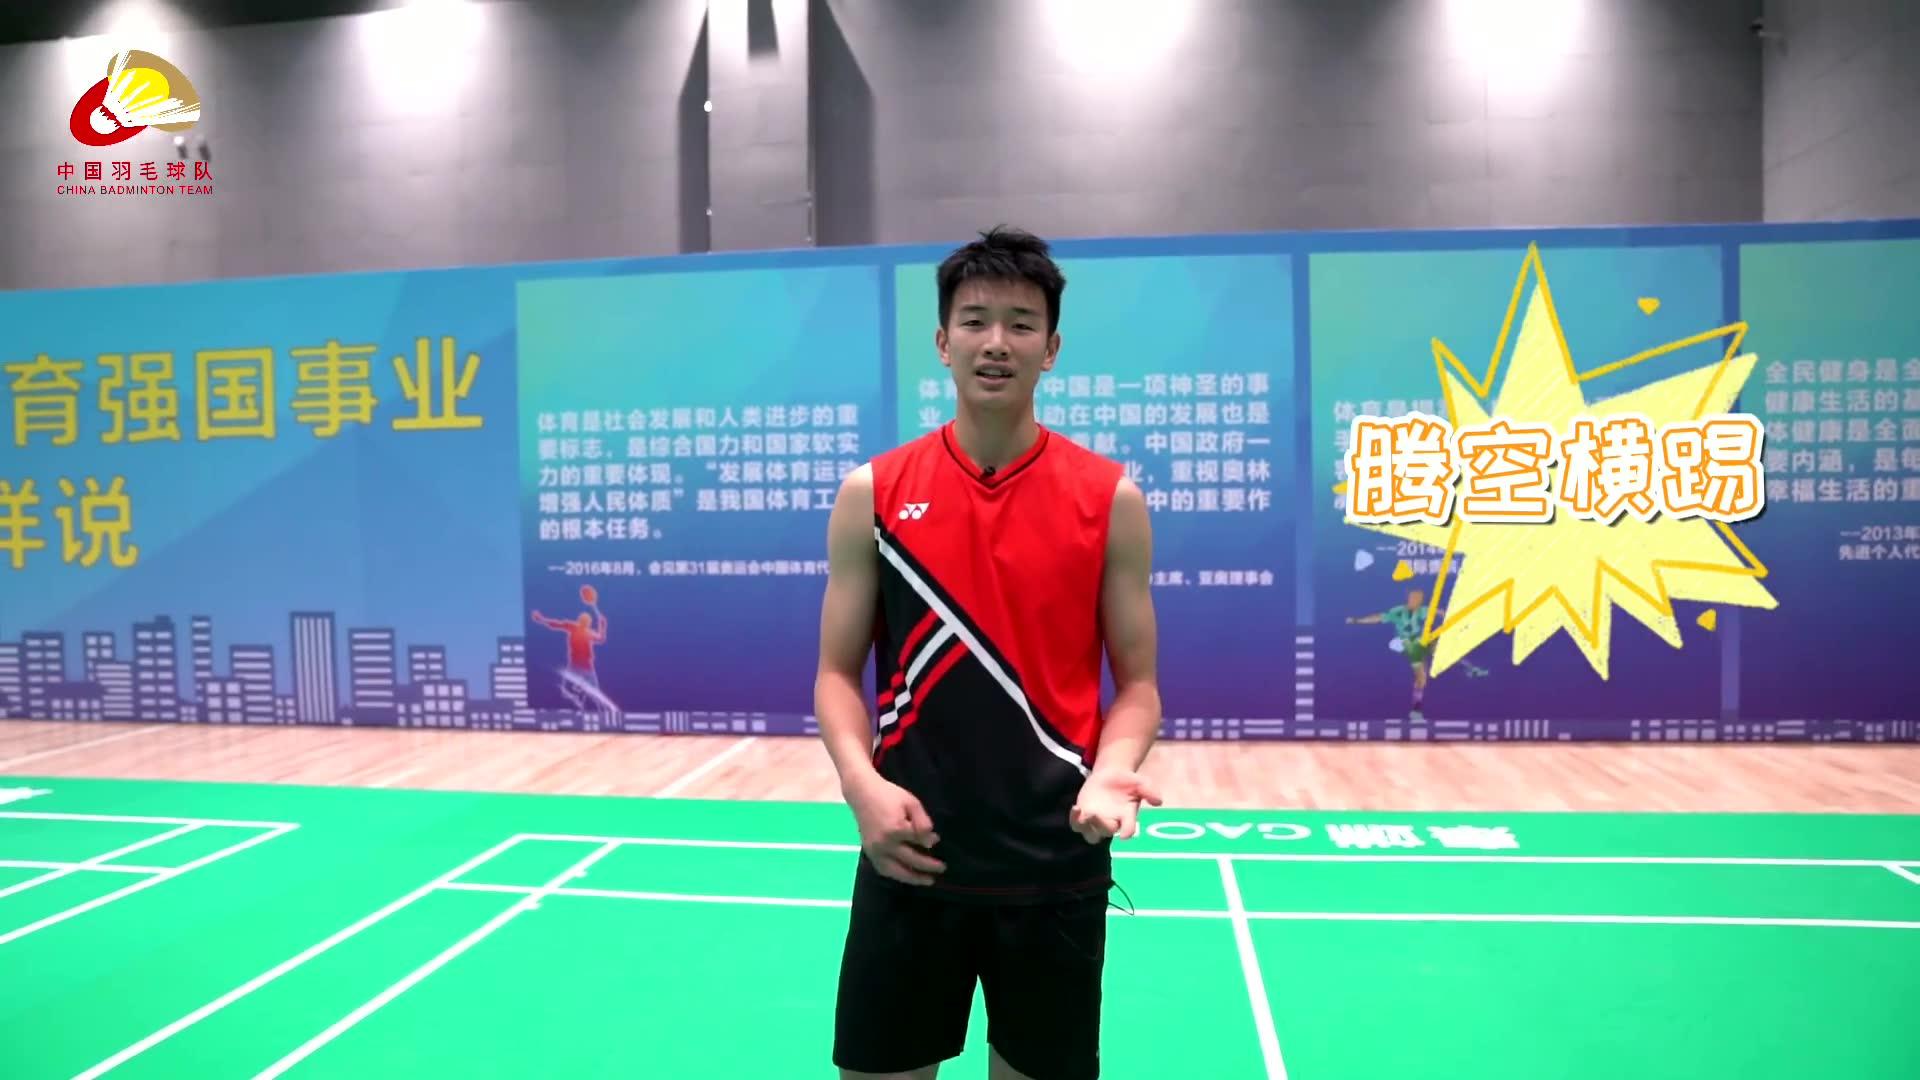 硬核少年李诗沣,不仅会民族舞,还是跆拳道省冠军